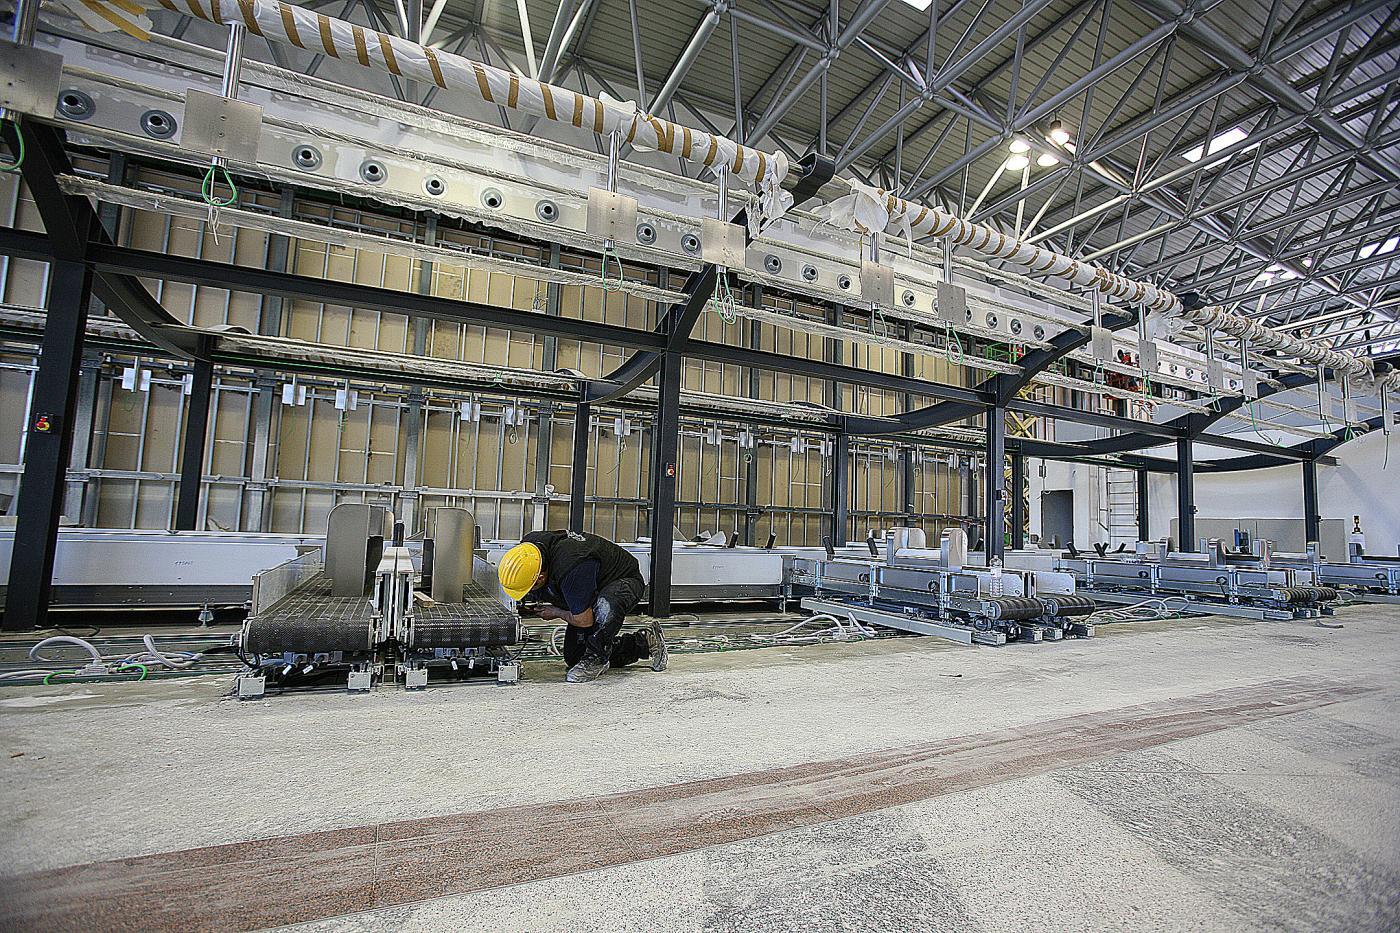 I lavori di ampliamento dell'aerostazione del 2008